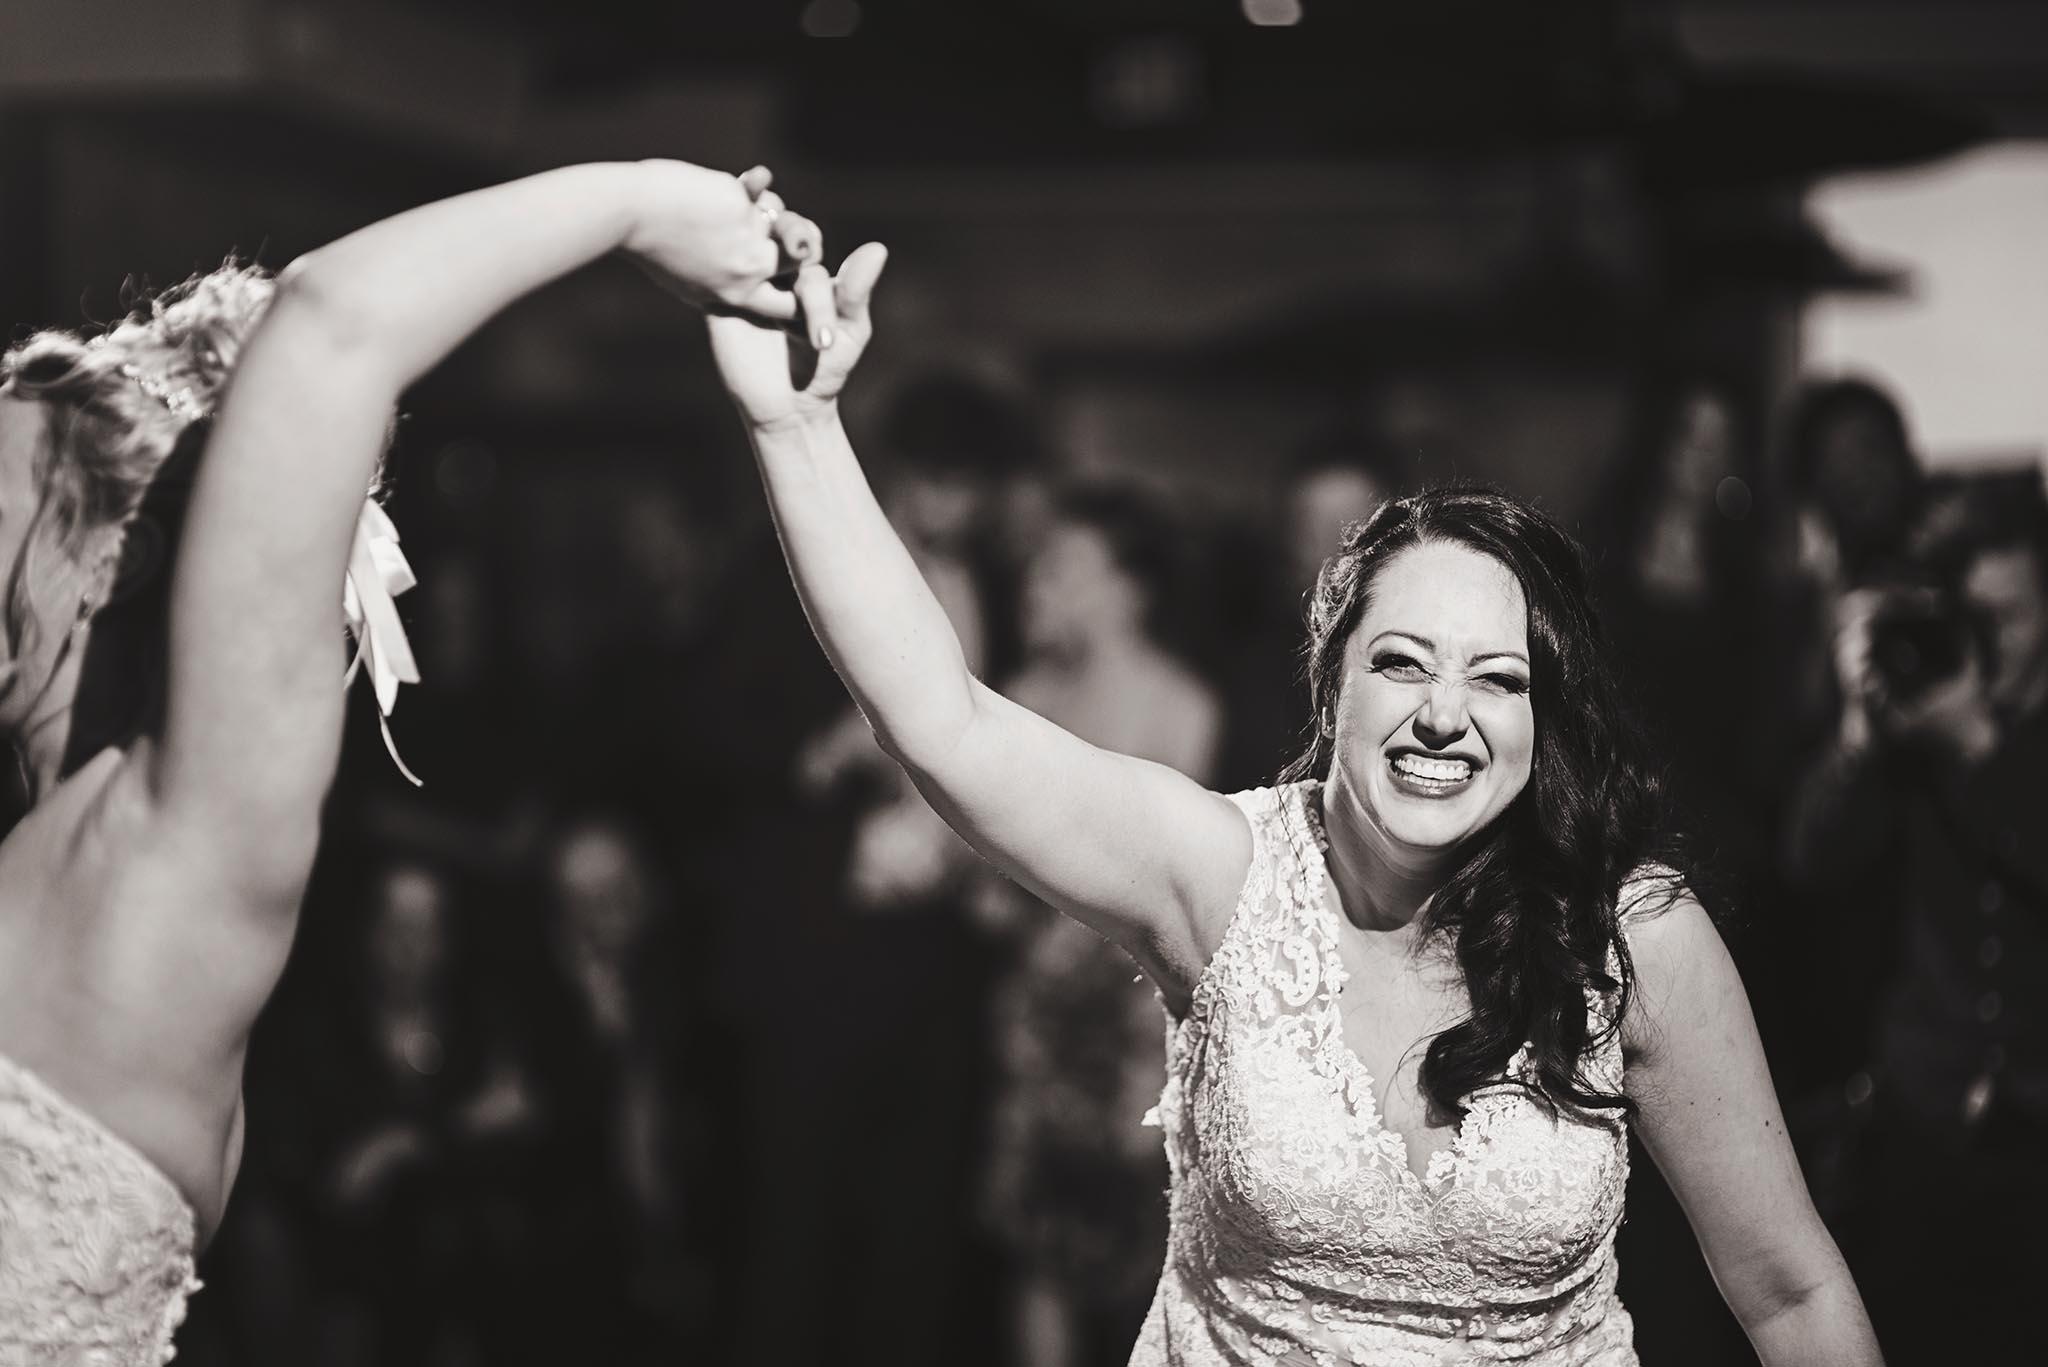 Peter-Bendevis-Photography-Kris-Laura-Cambridge-Mill-Winter-Wedding41